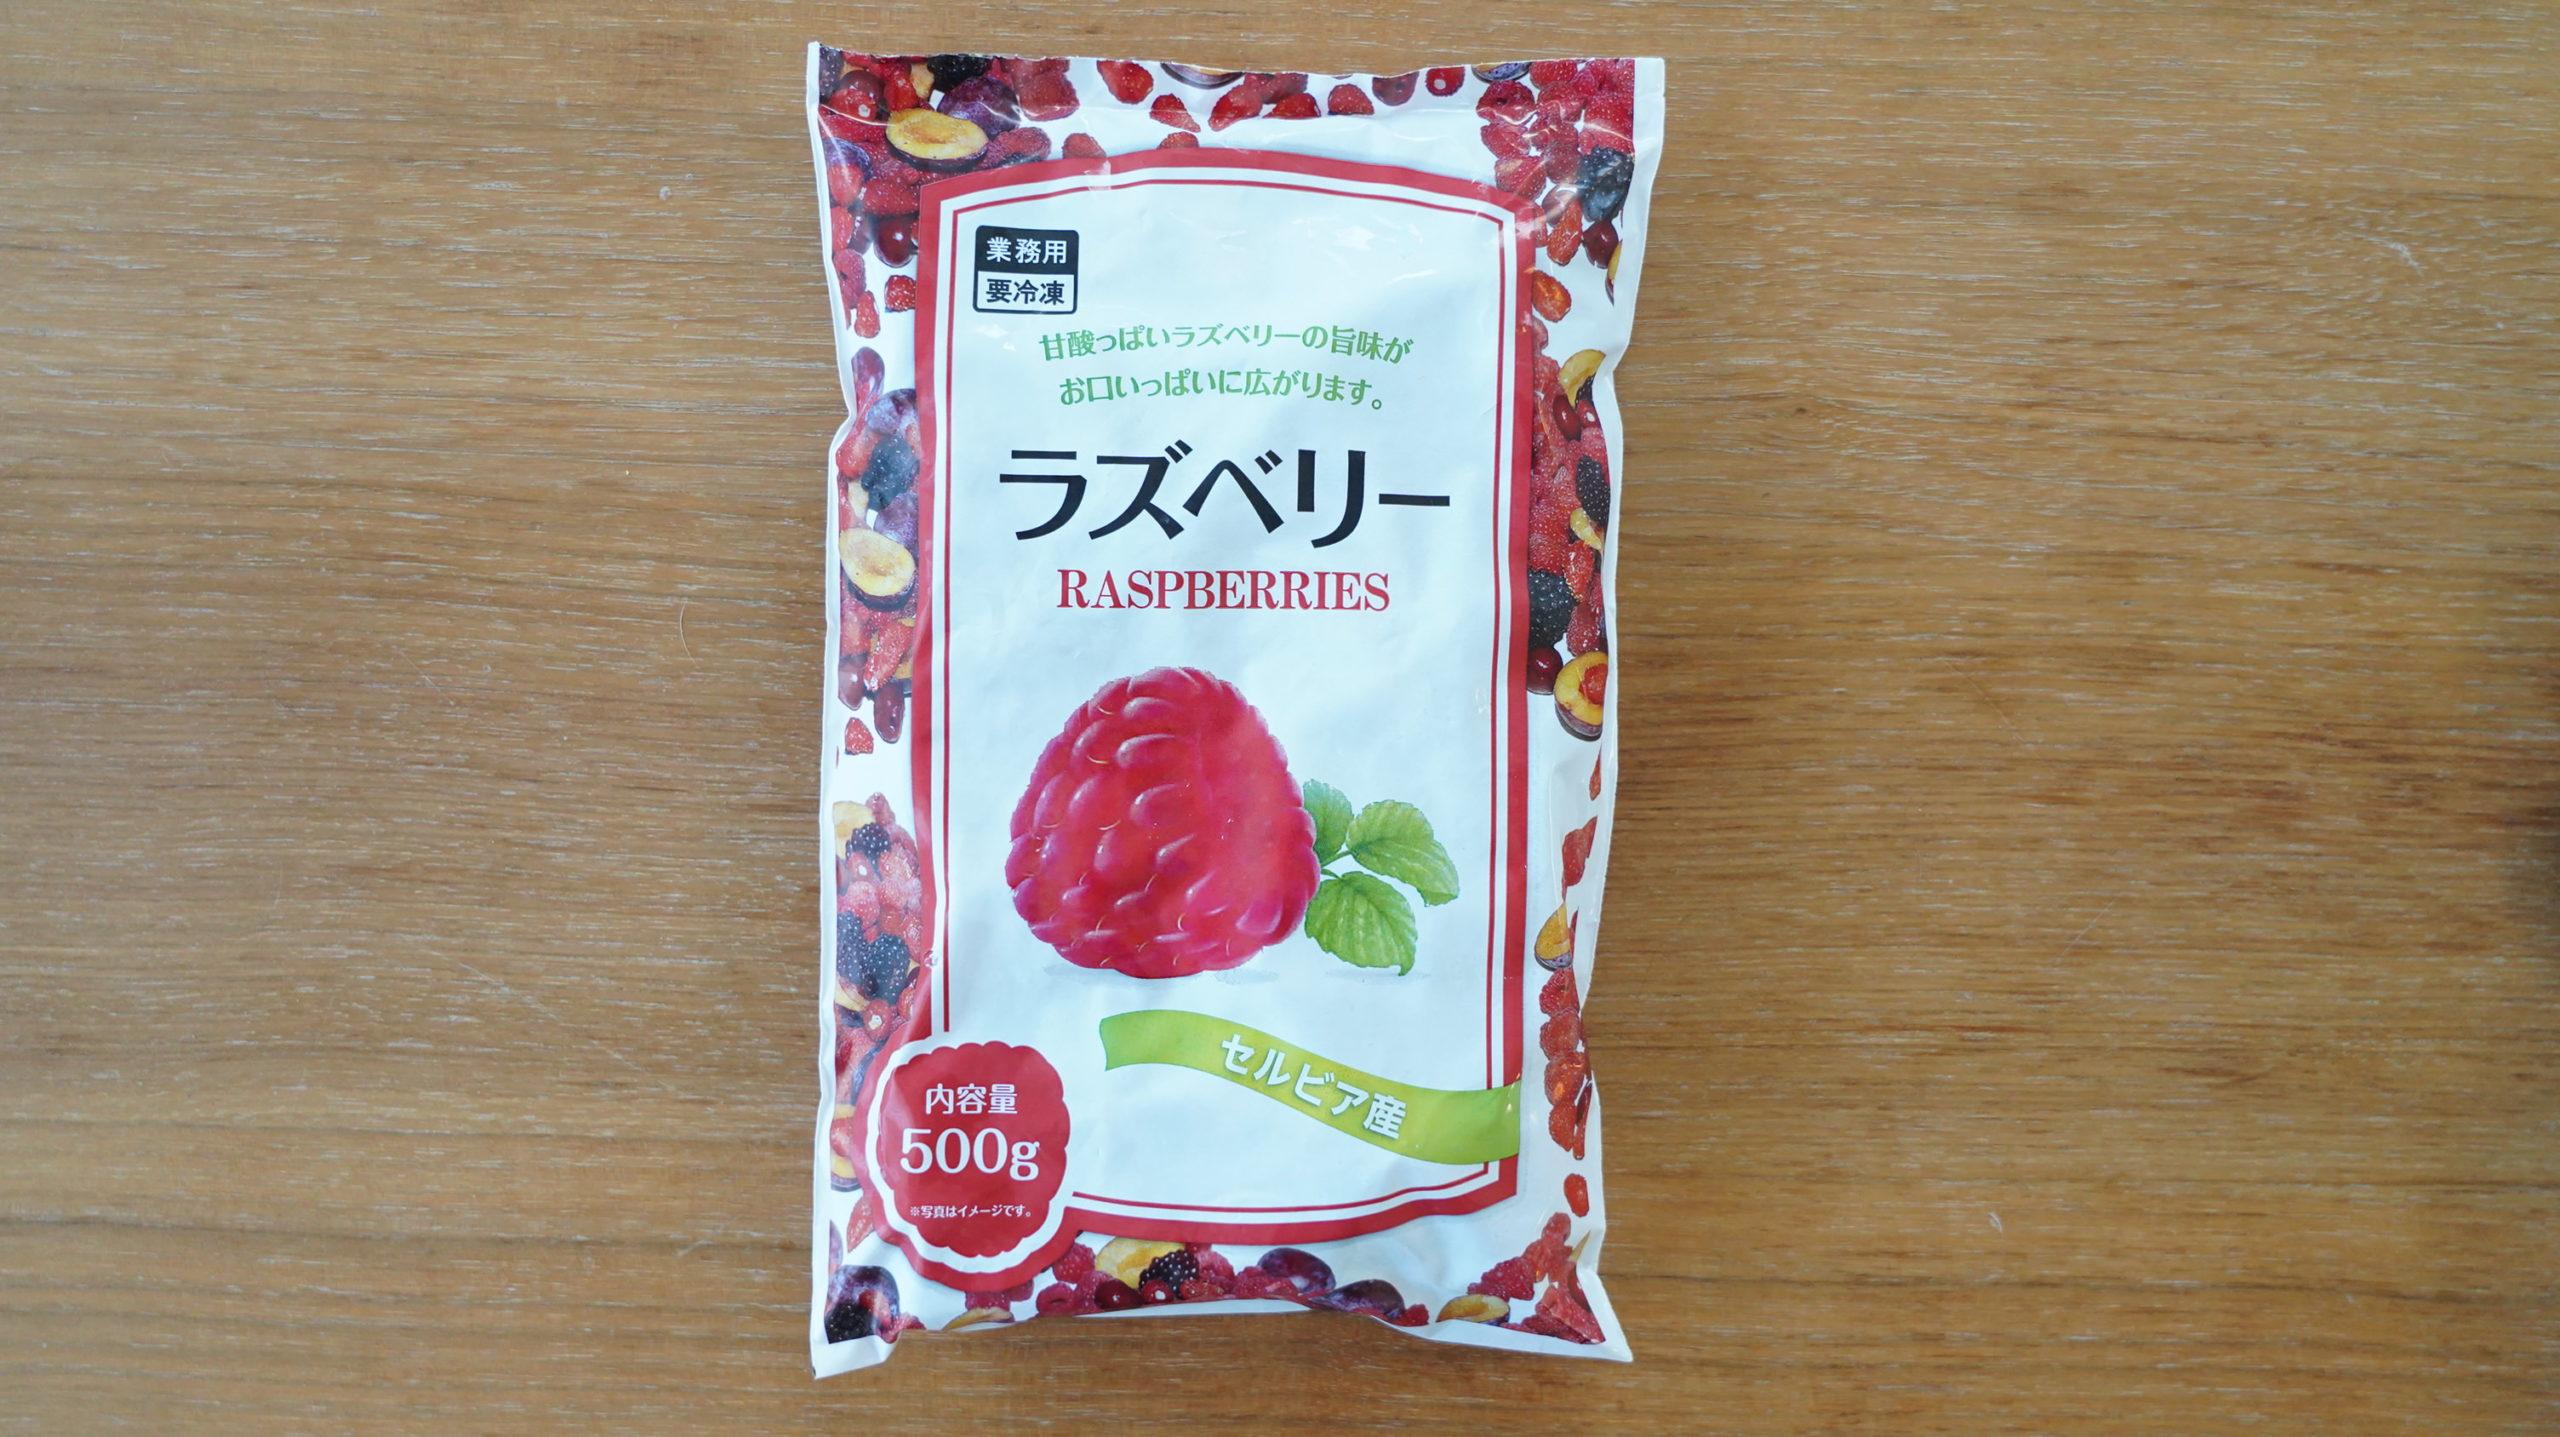 業務スーパーのおすすめ冷凍食品「ラズベリー」のパッケージの写真